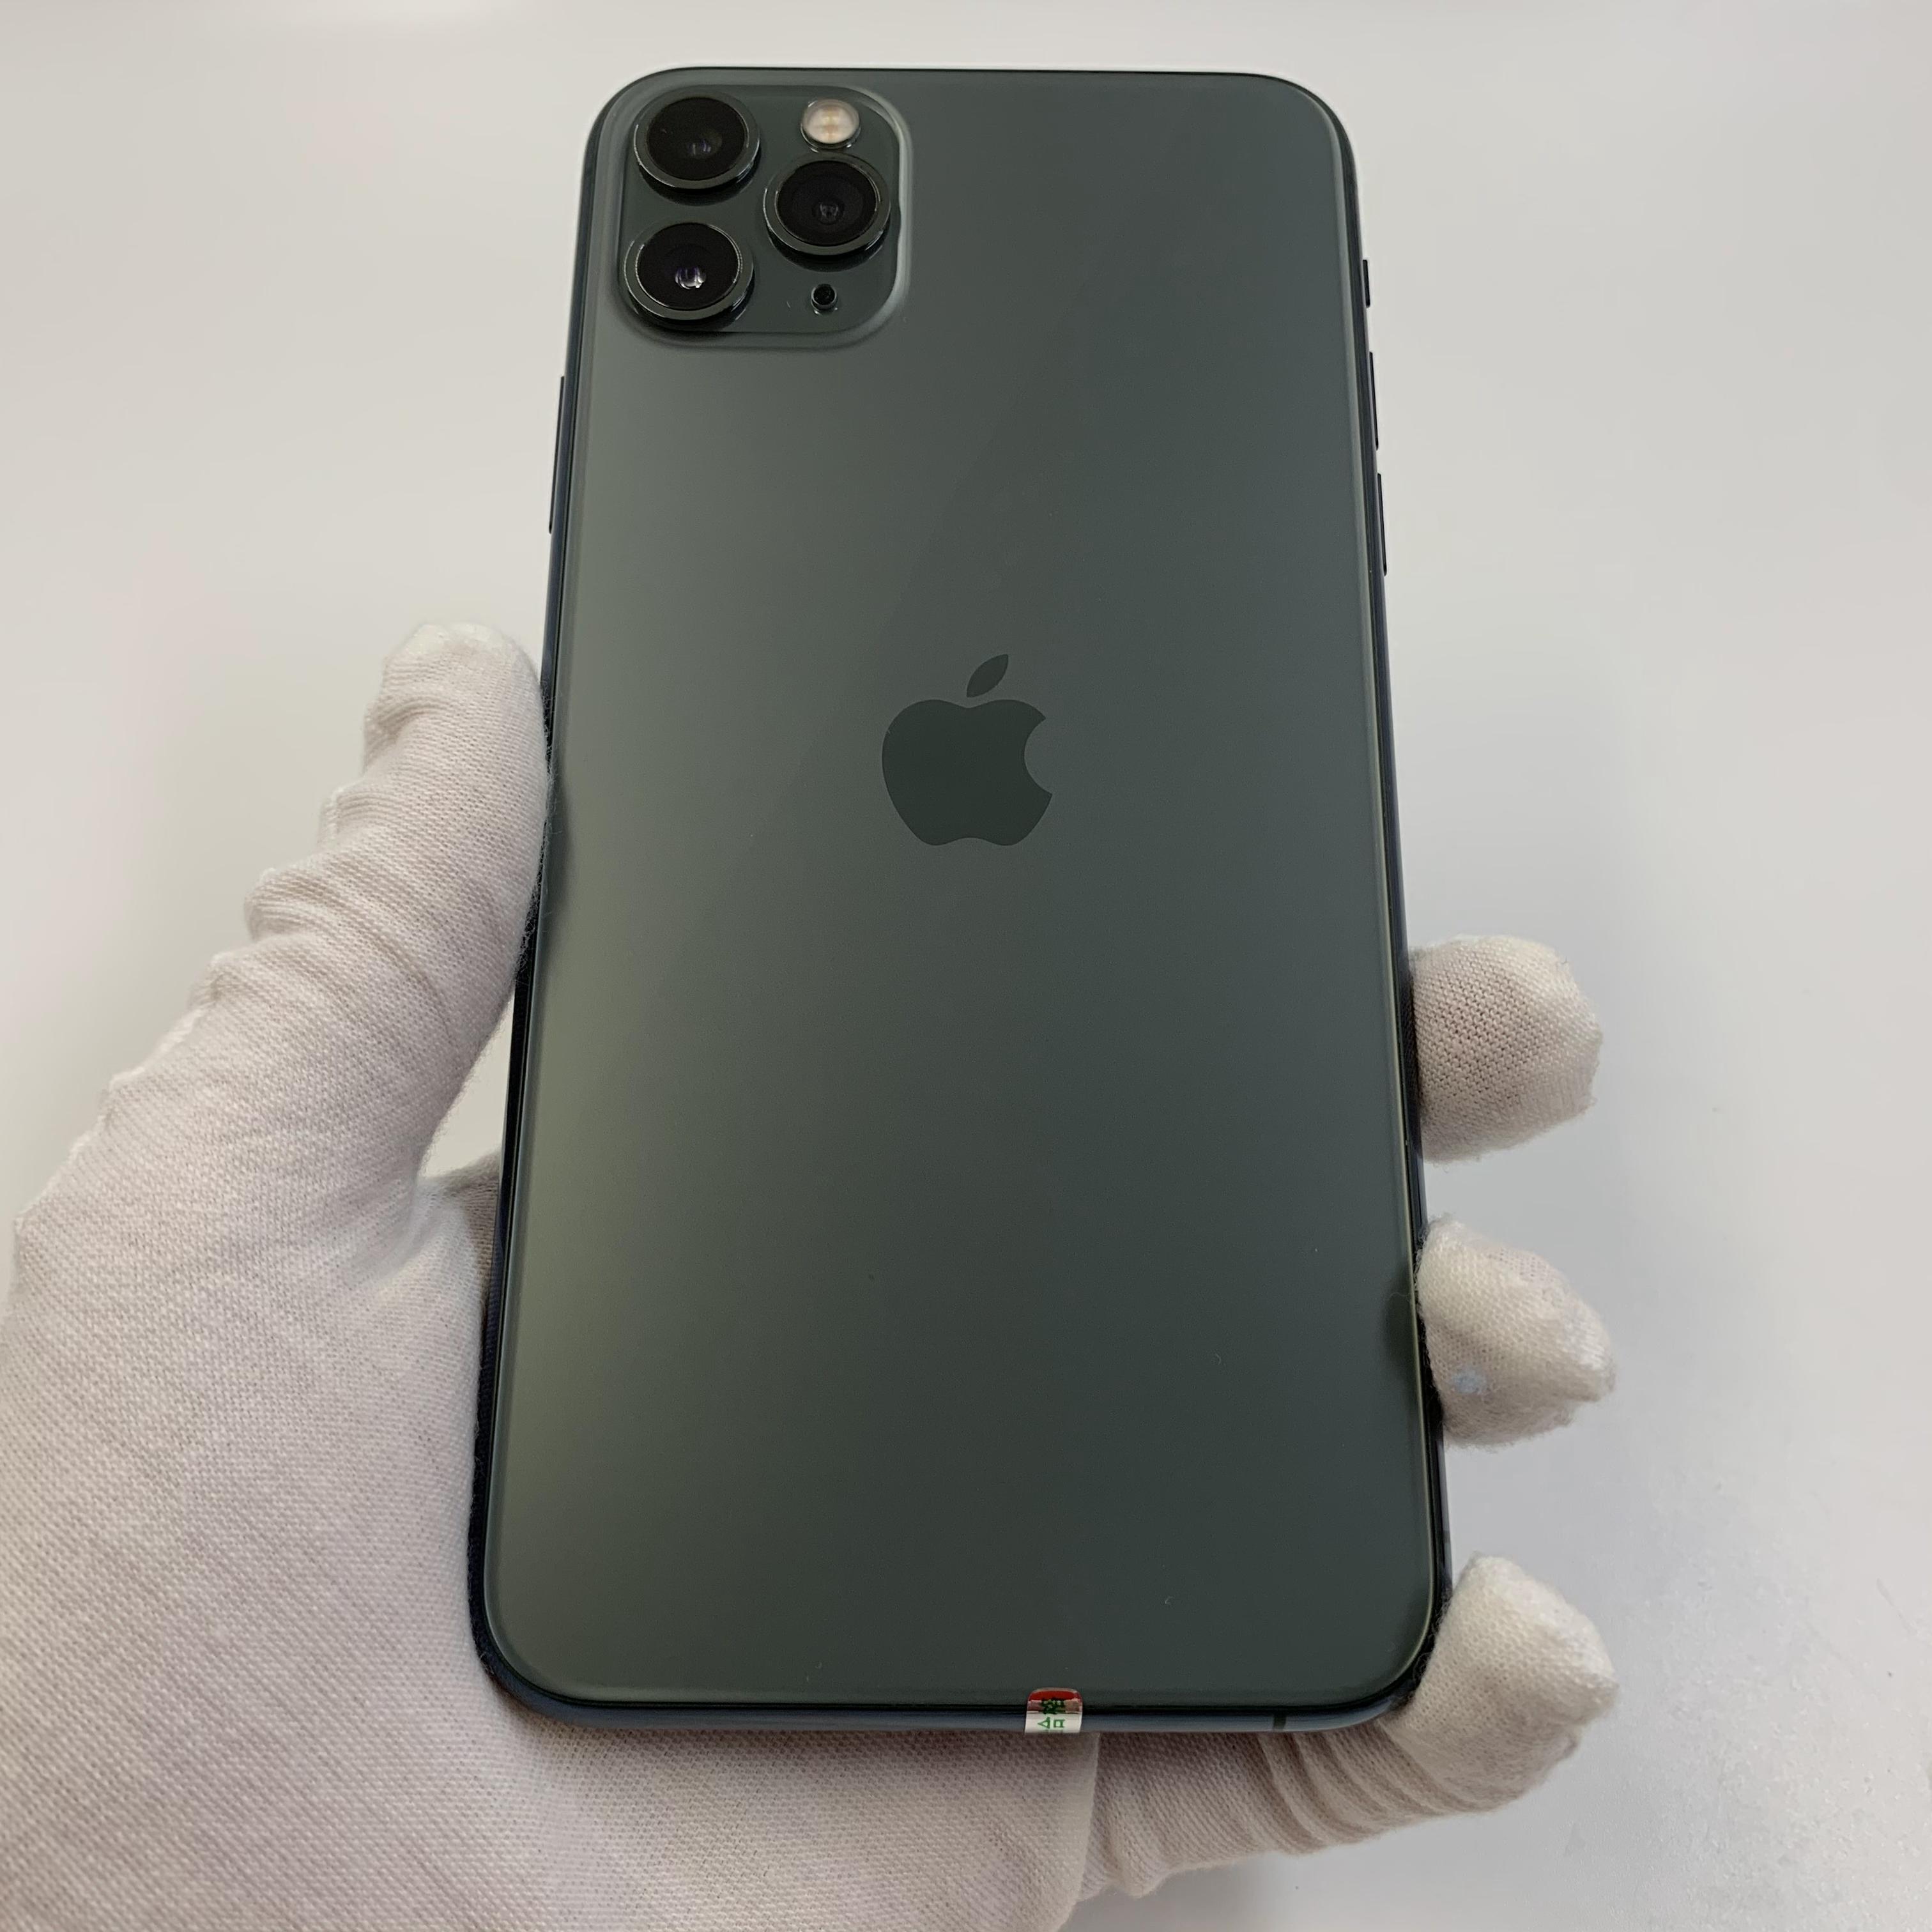 苹果【iPhone 11 Pro Max】4G全网通 暗夜绿色 64G 国行 95新 真机实拍